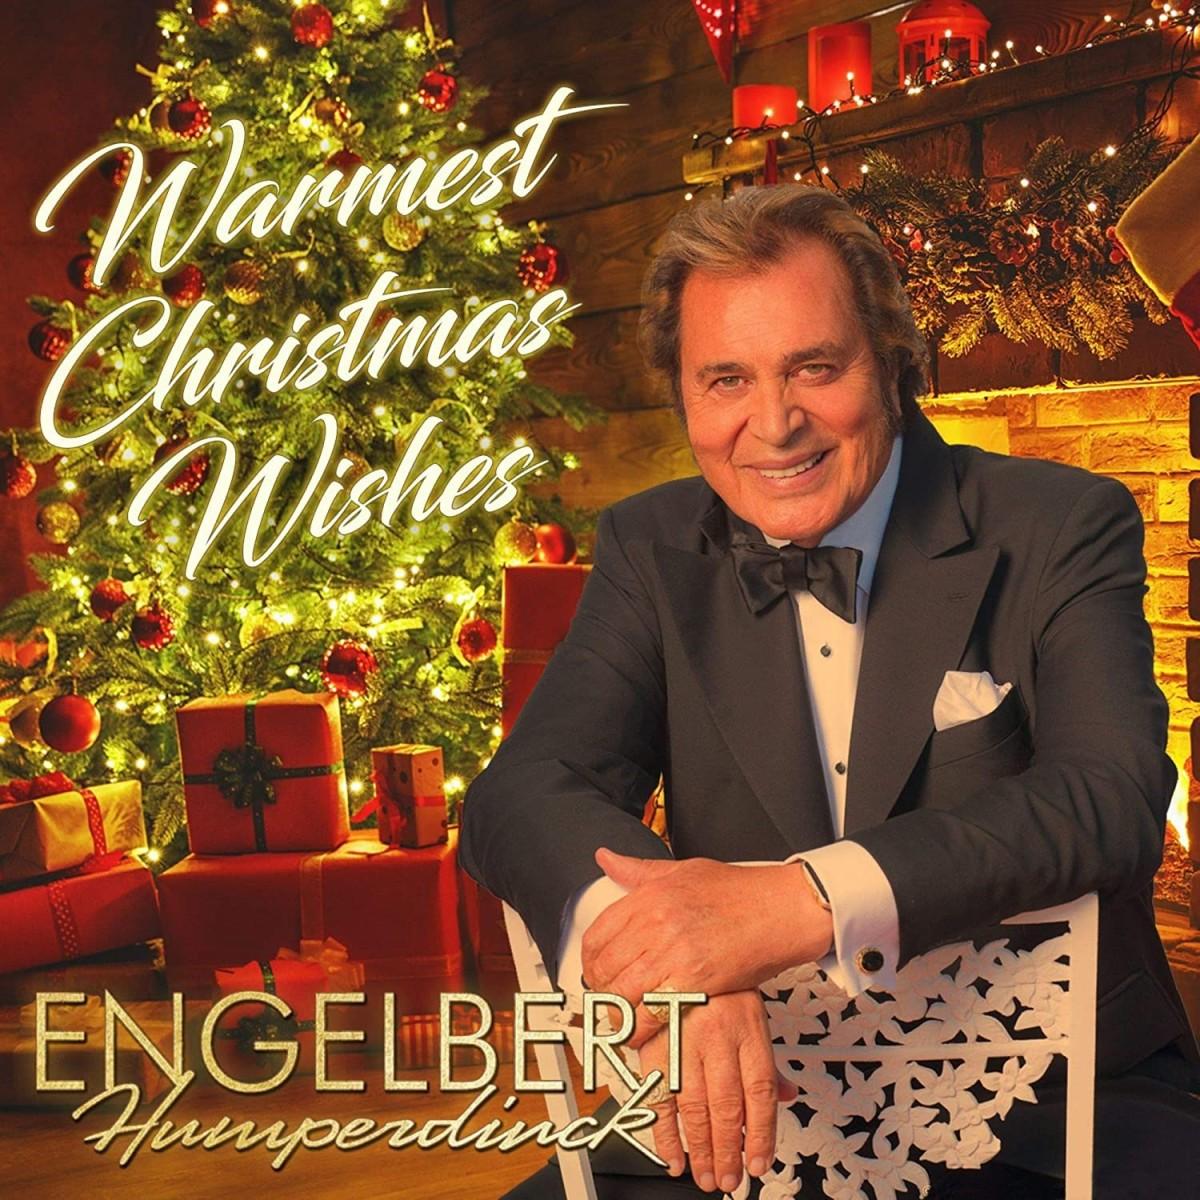 Engelbert Dec 2020 Warmest